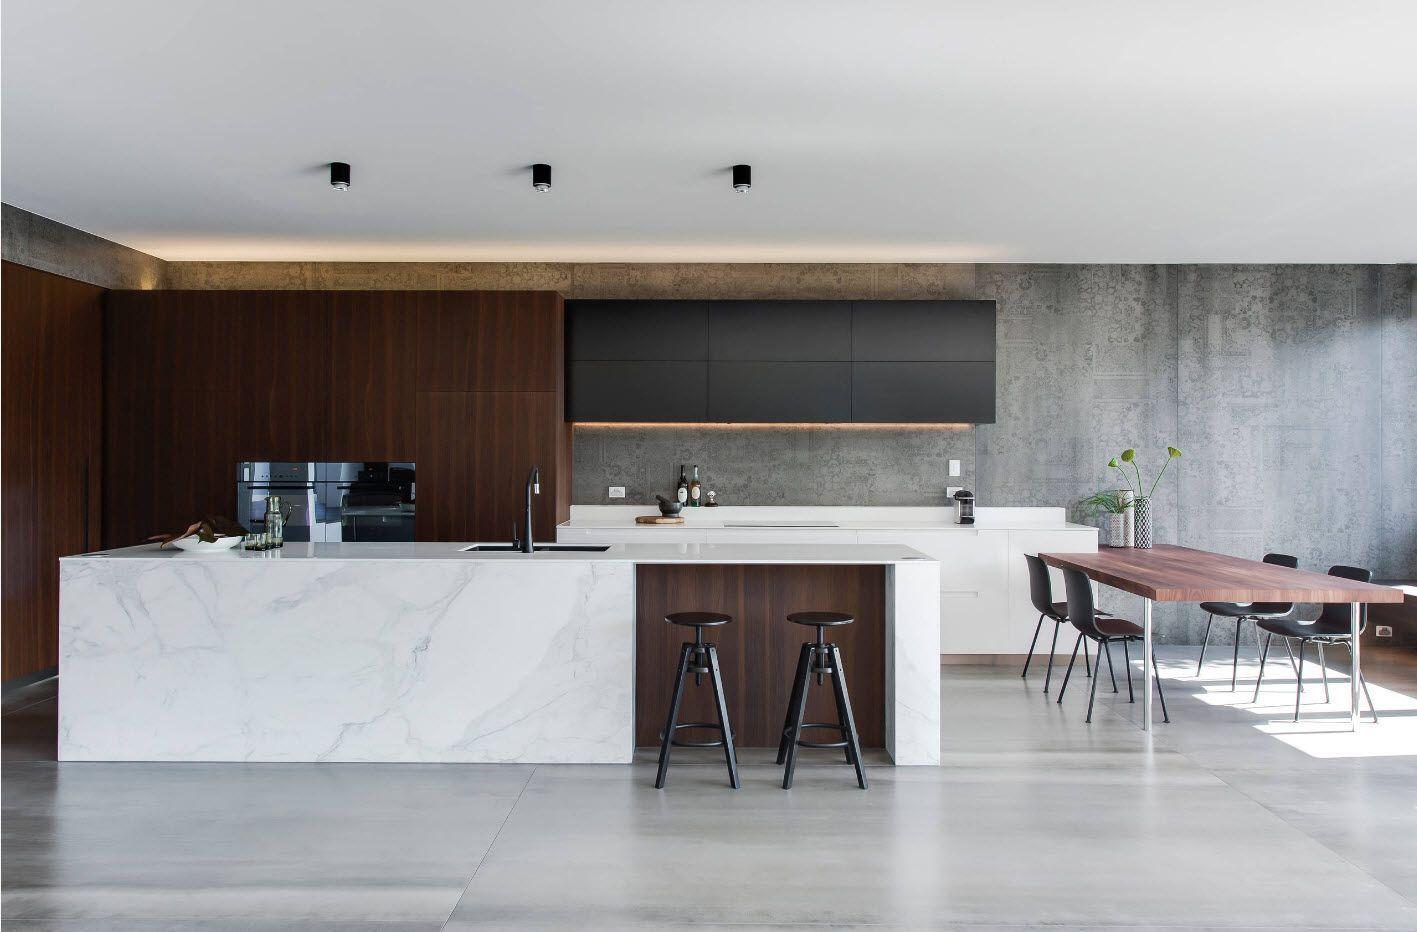 Cutting edge kitchen design in dark gray palette